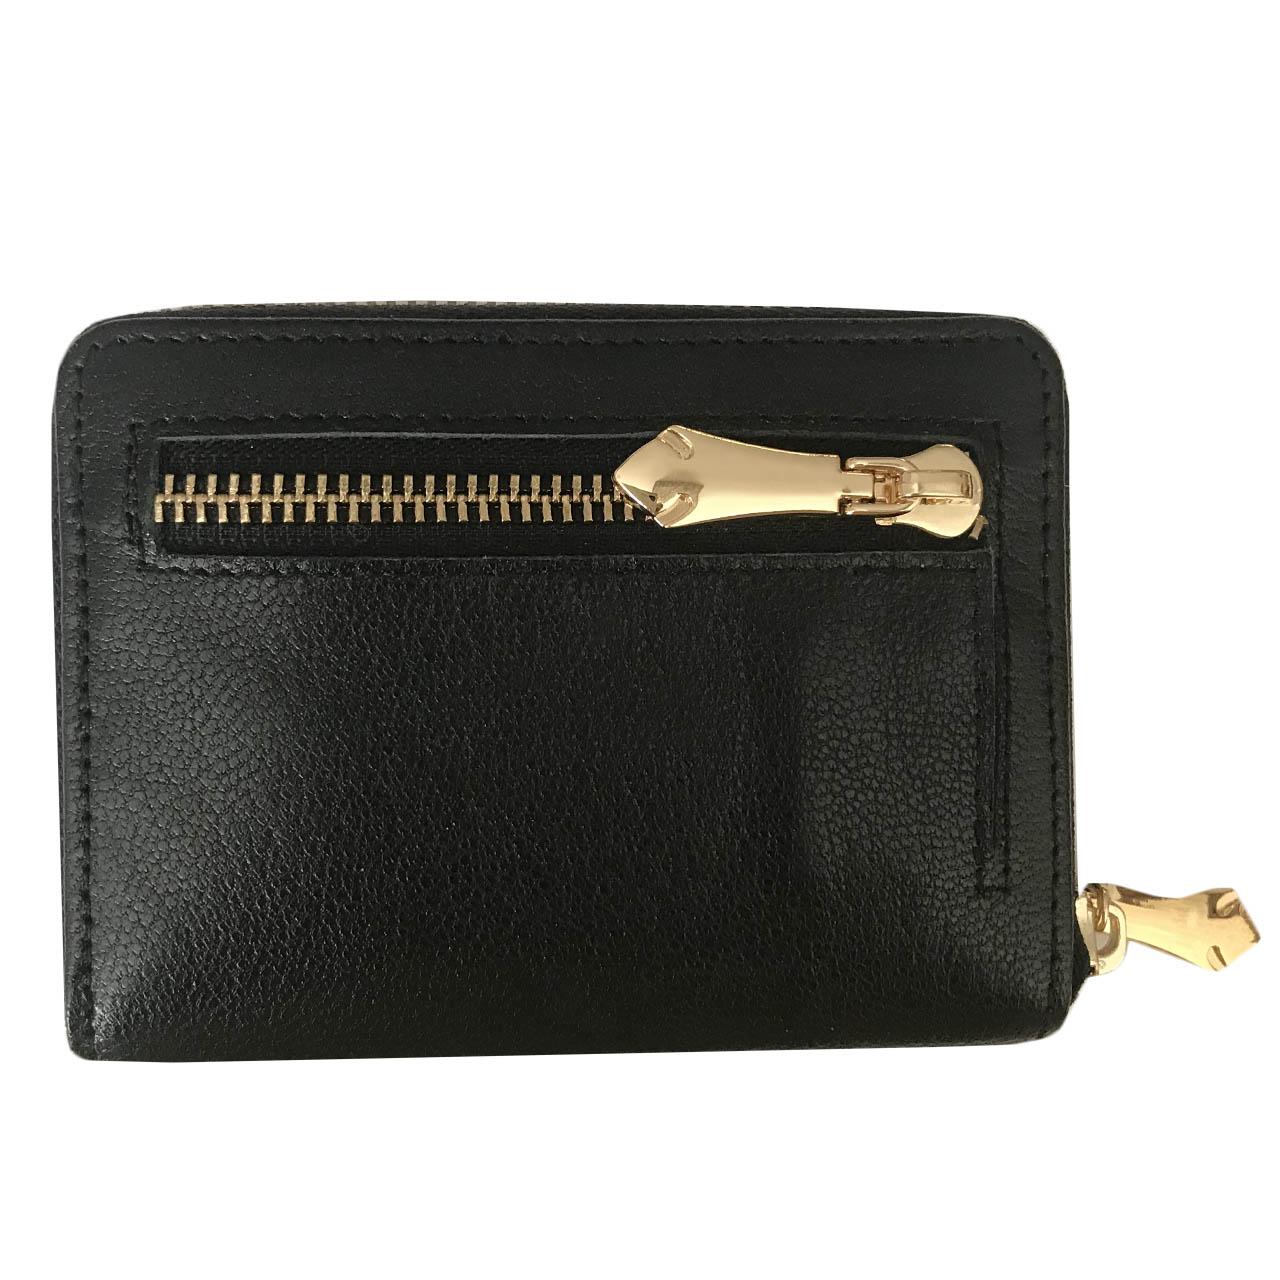 کیف پول زنانه رایا چرم مدل Sare -  - 2